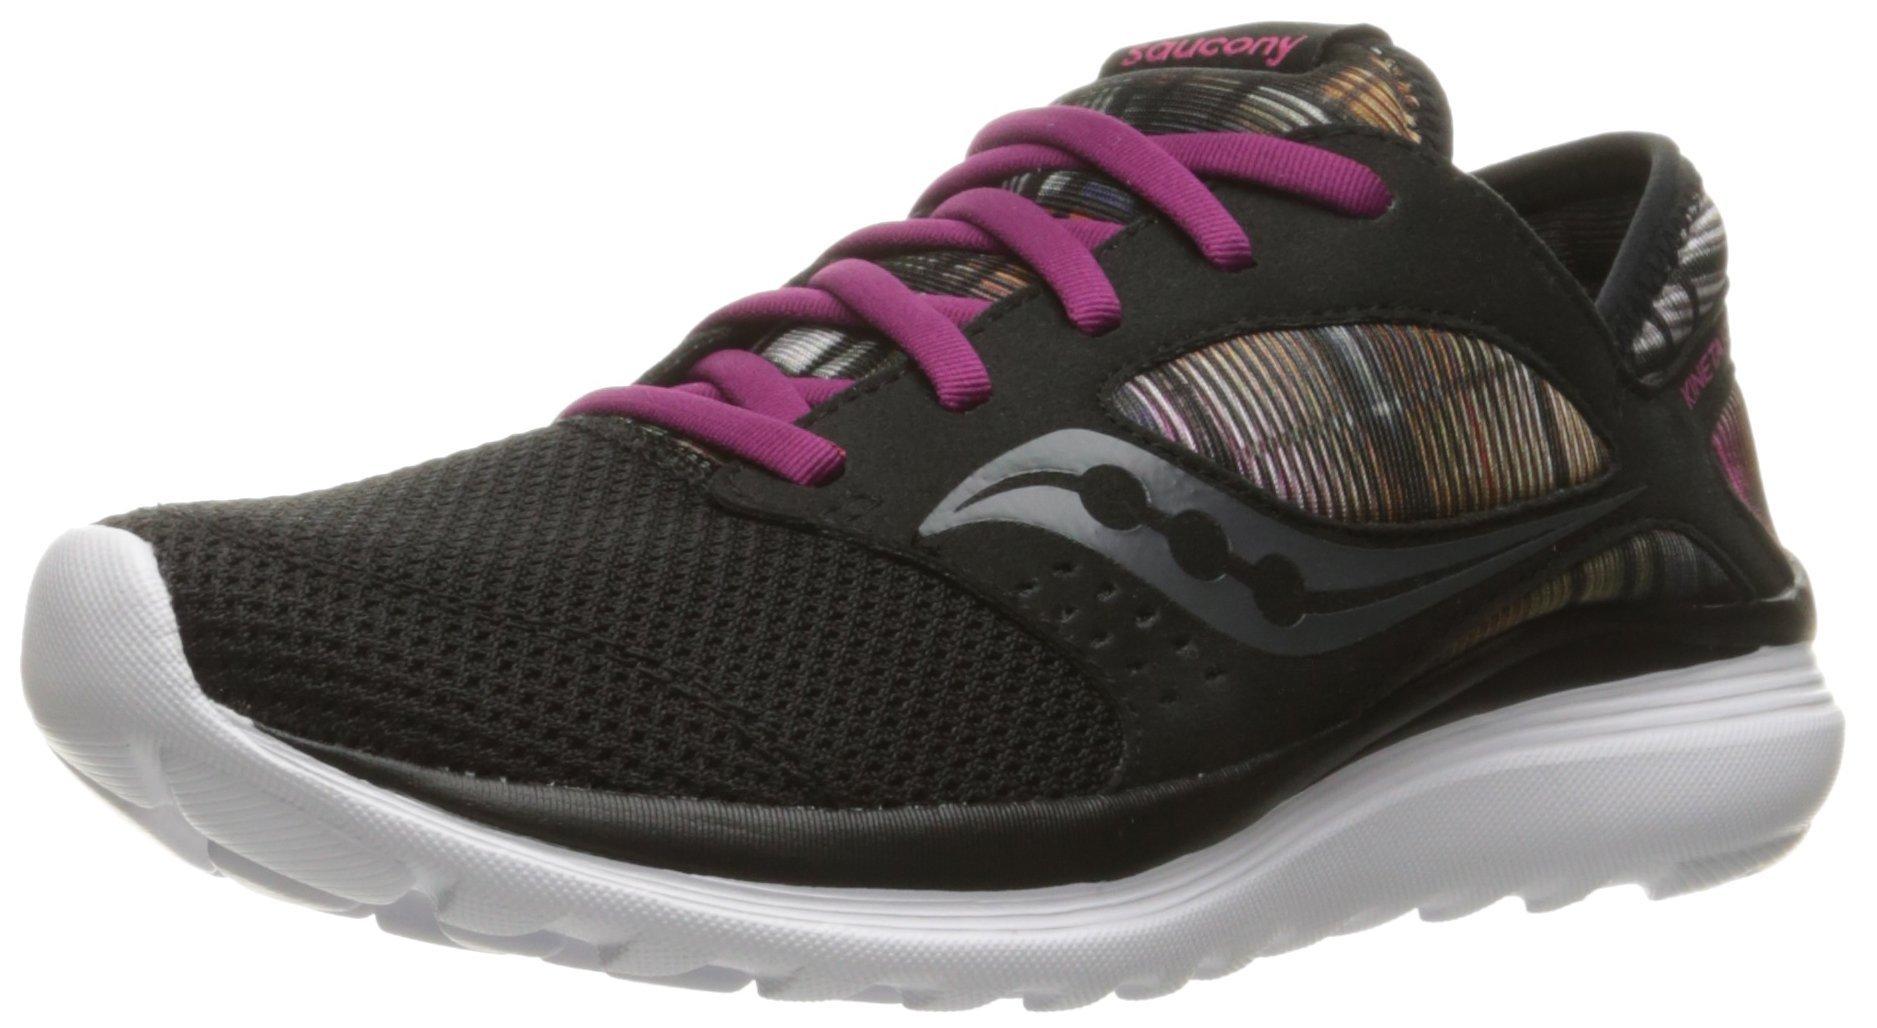 b5719d297446 Saucony Women s Shoe - Kineta Relay Running Shoe